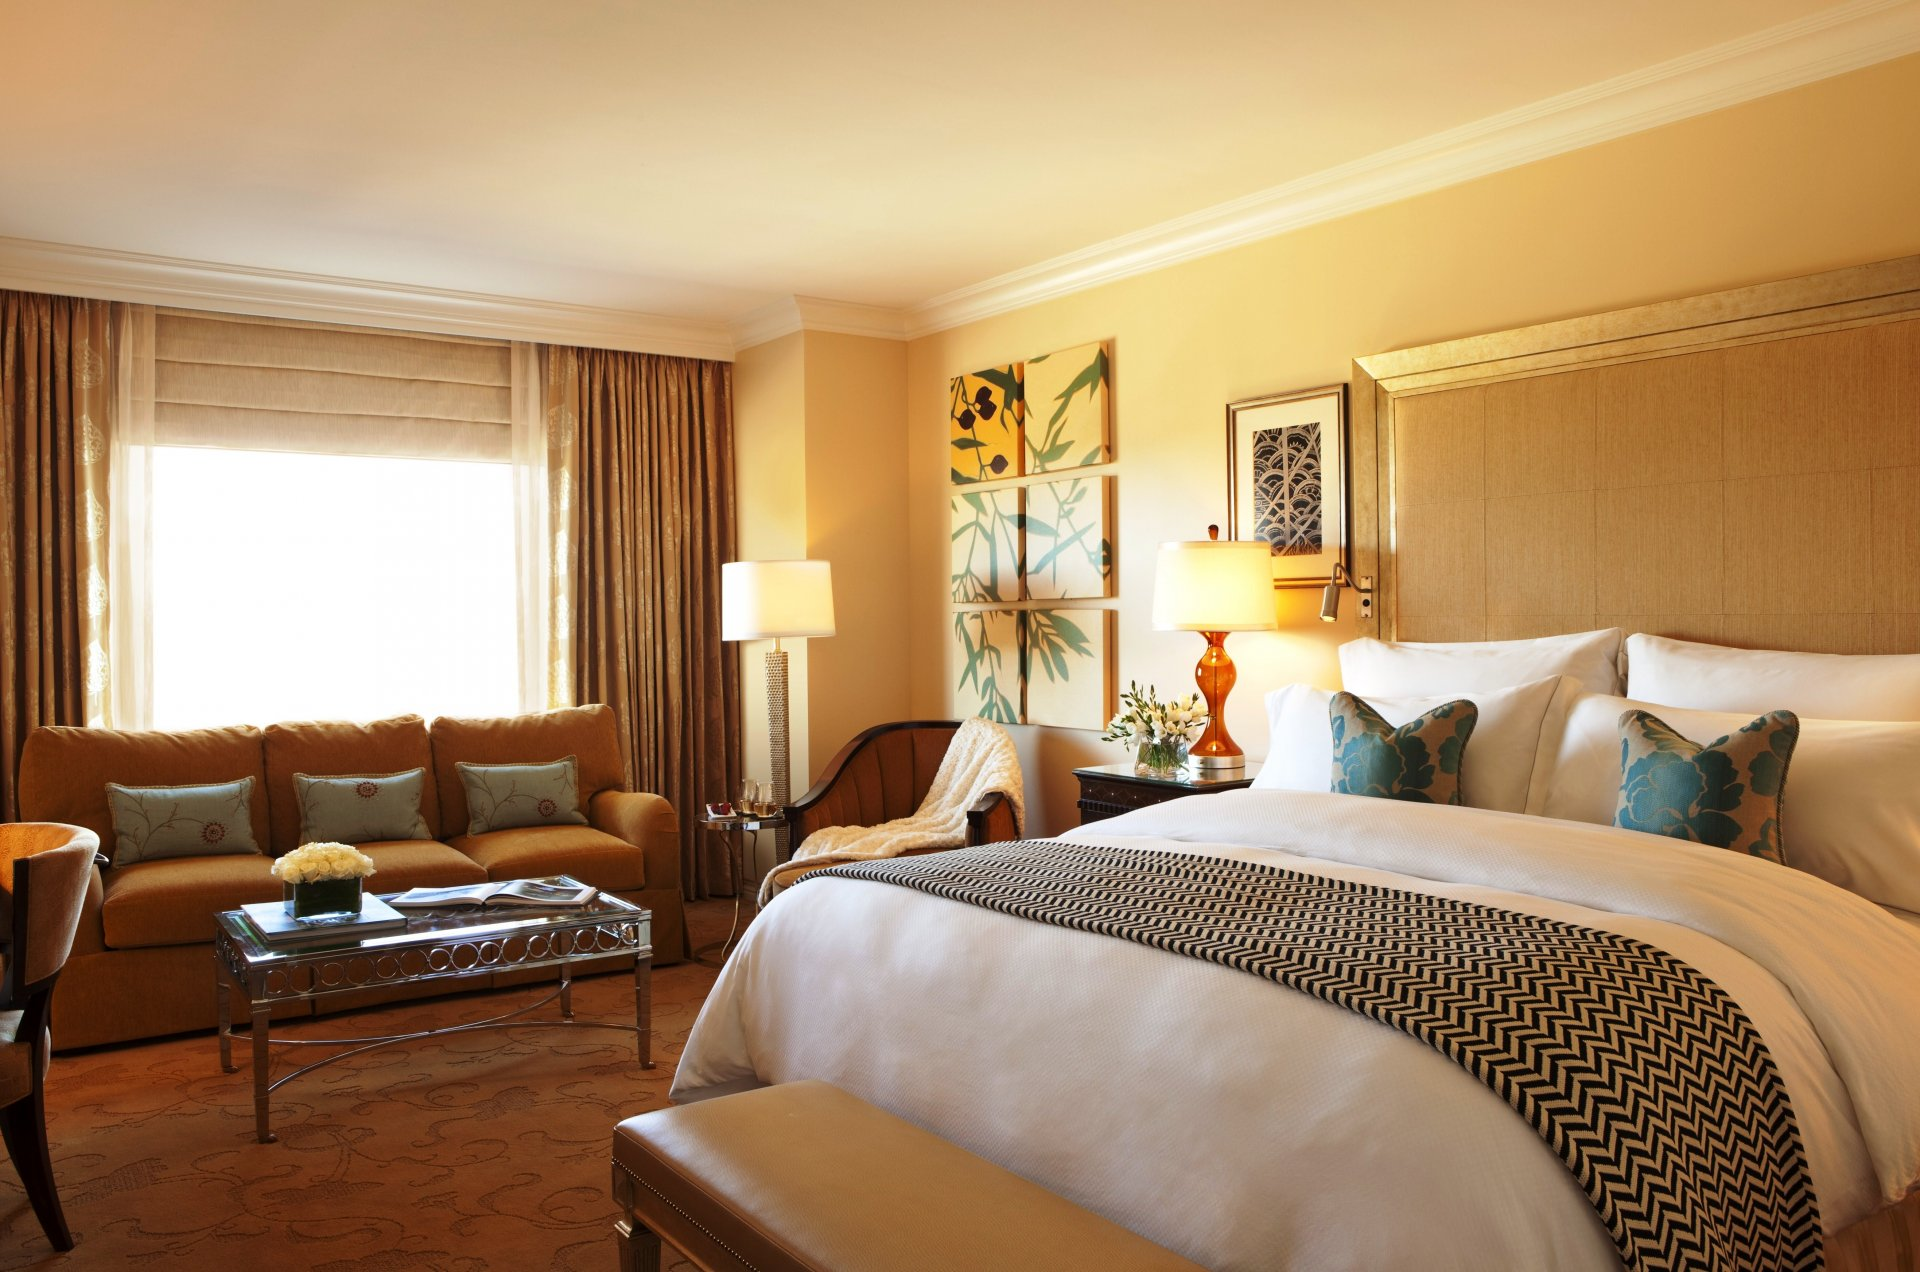 комната в коричневом стиле  № 1730732  скачать